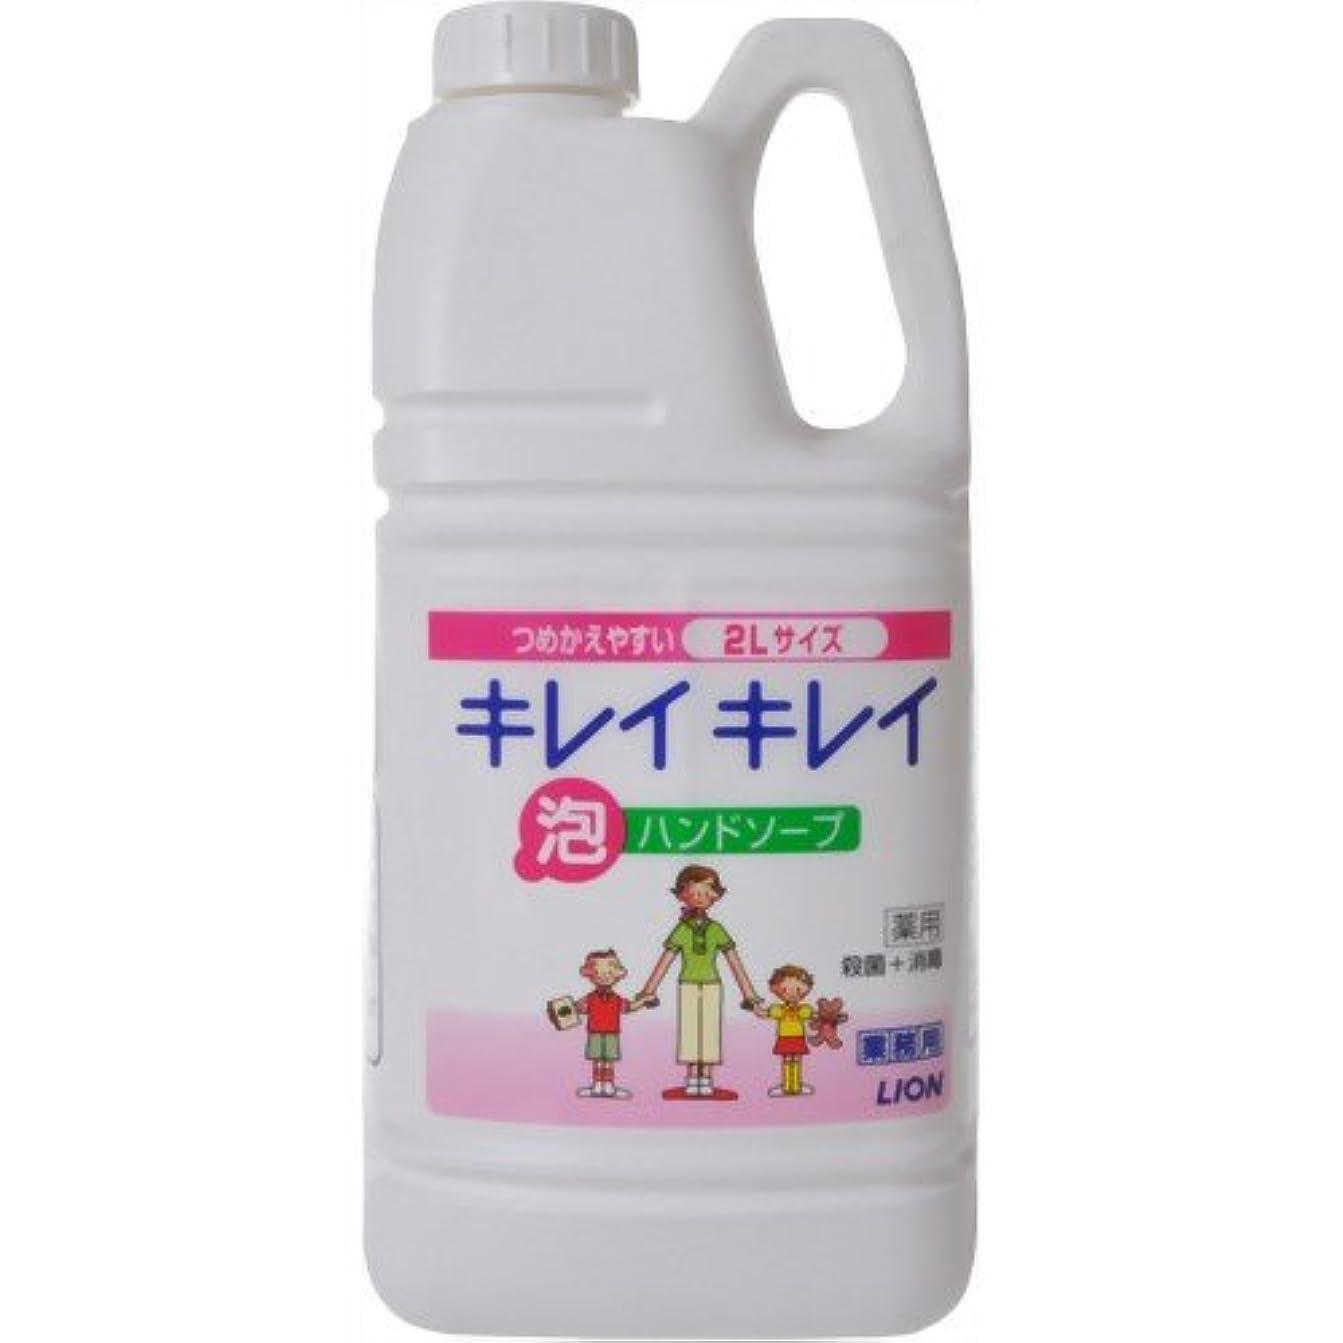 占める適切な不器用キレイキレイ薬用泡ハンドソープ2L(業務用)